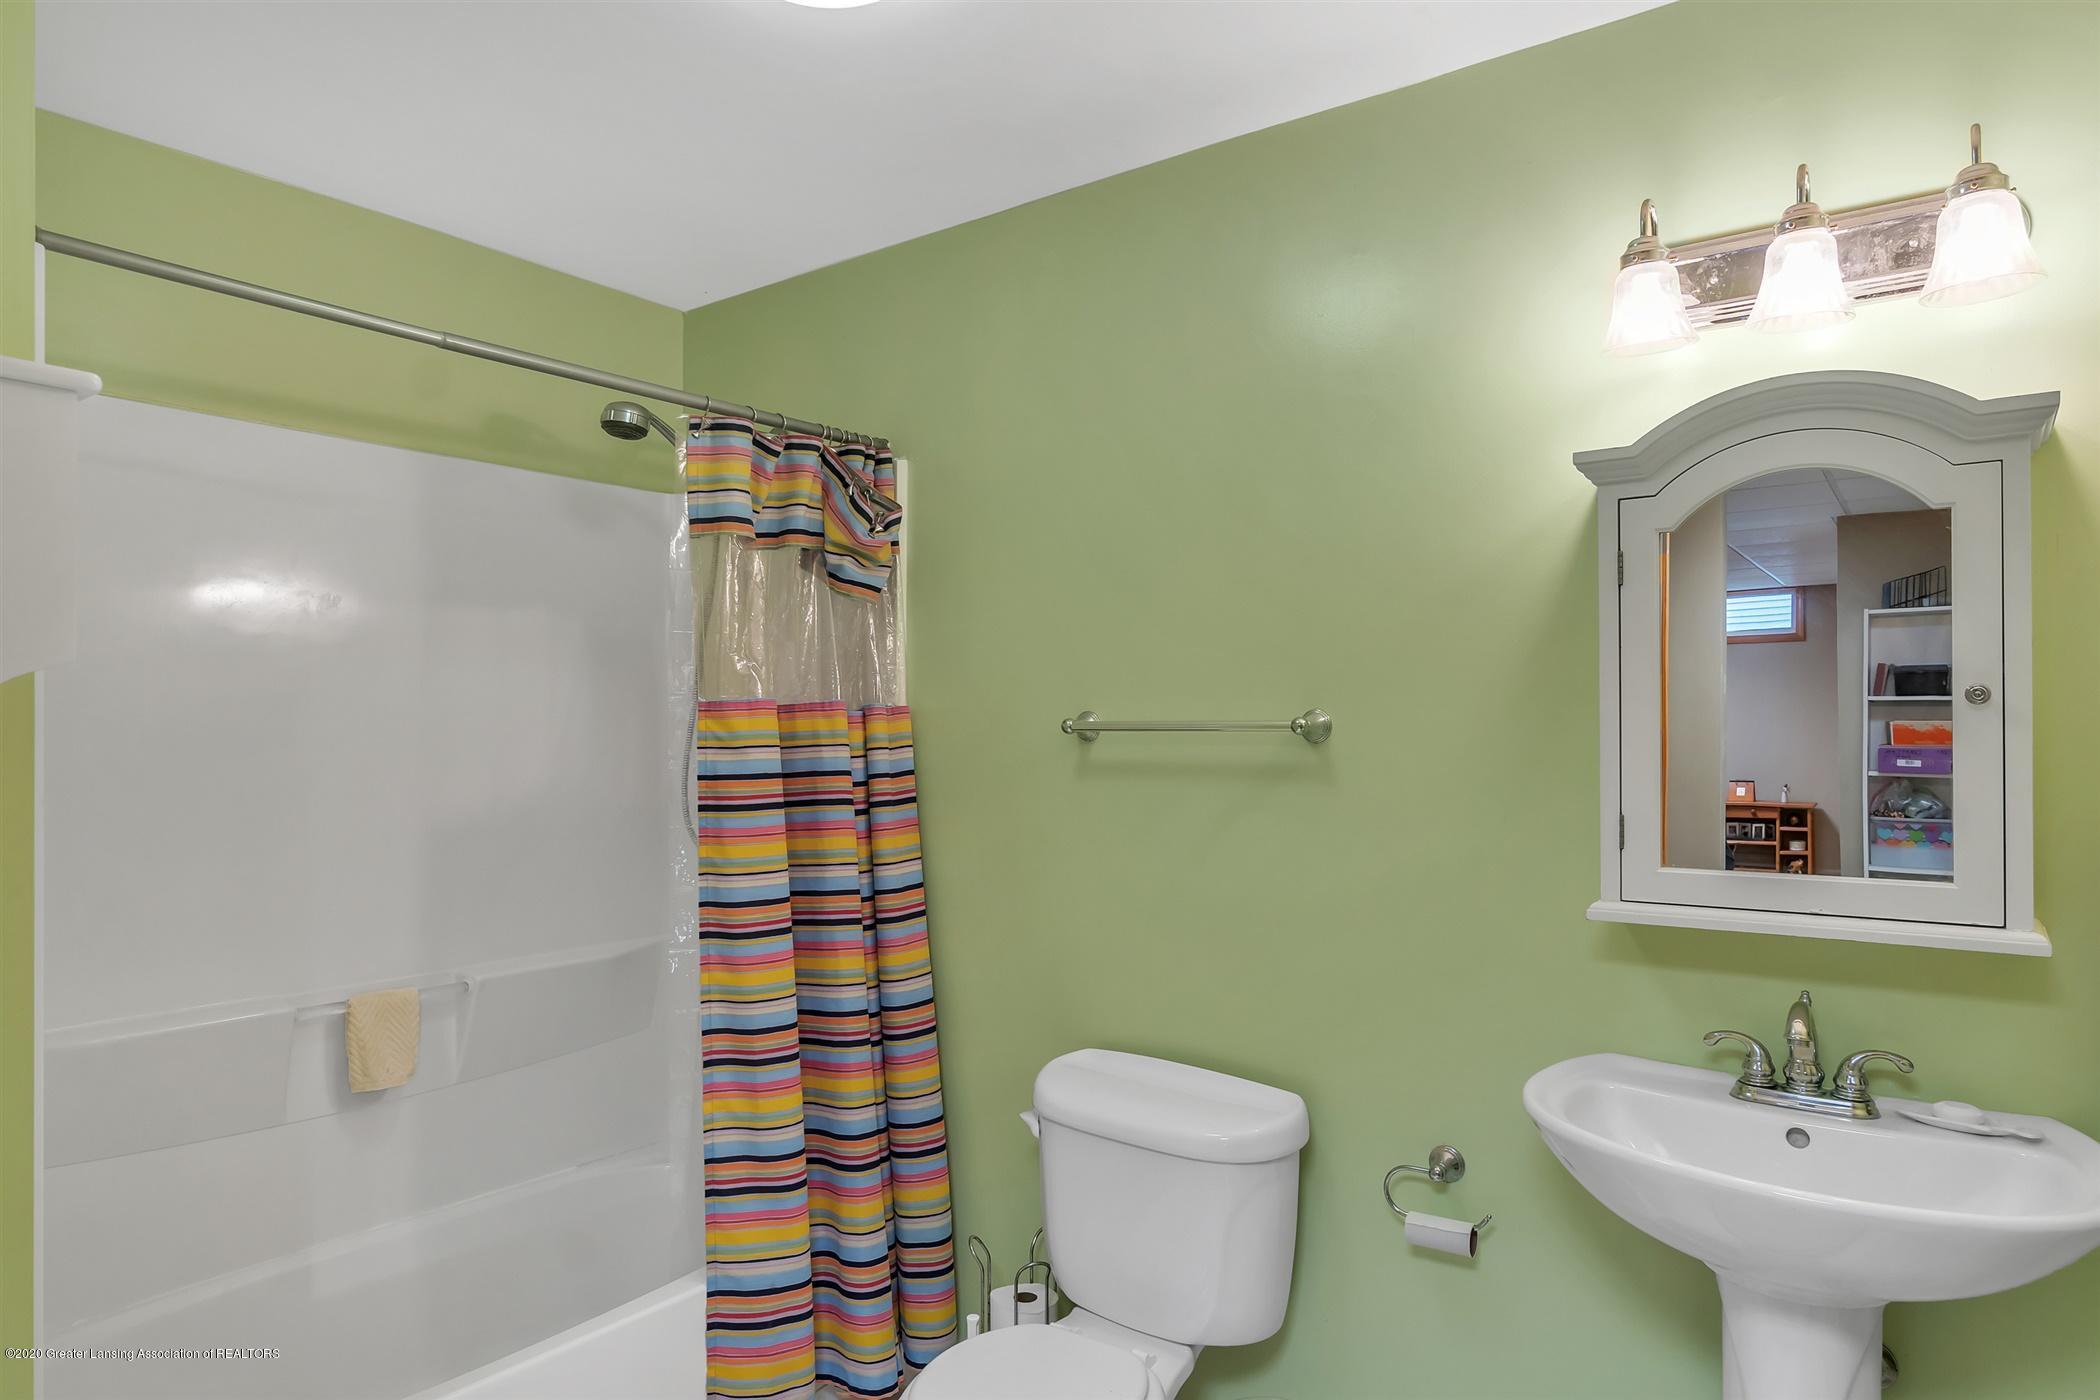 11910 Schavey Rd - 49-11910 Schavey Rd.-windowstill-re - 49